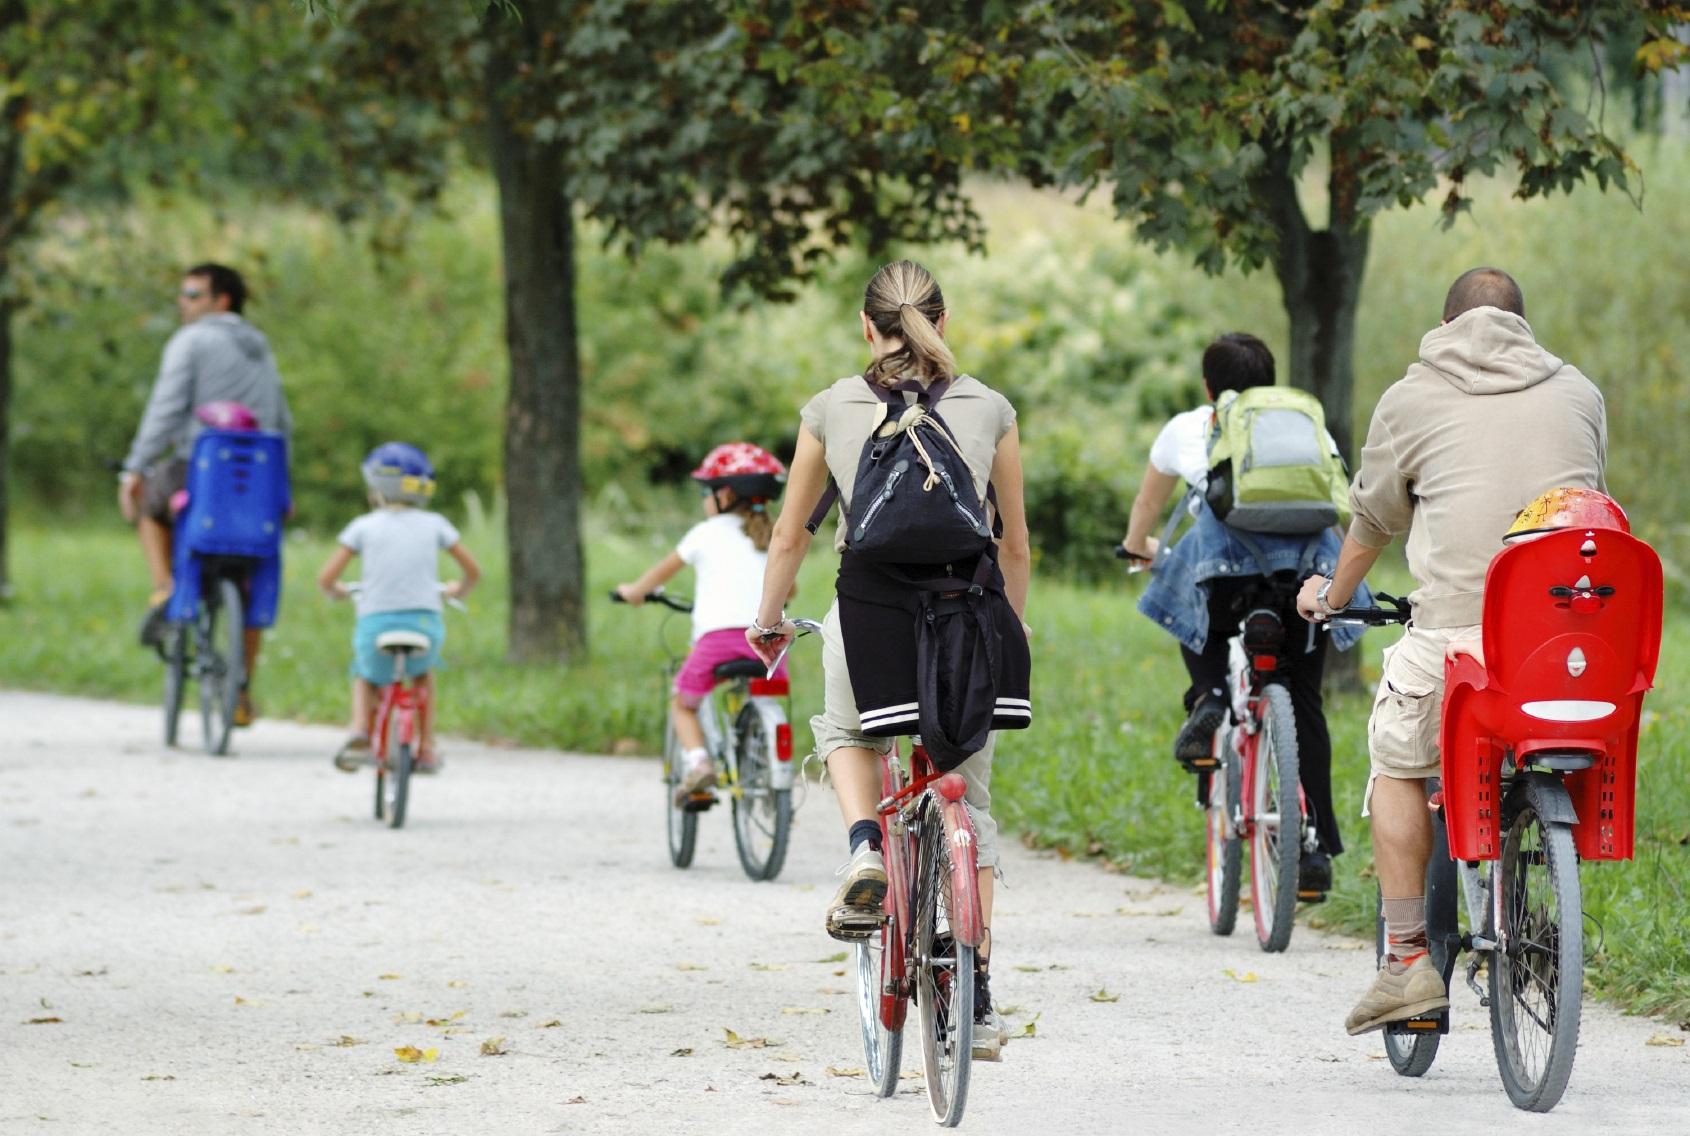 Família pedalando de bicicleta em um parque.